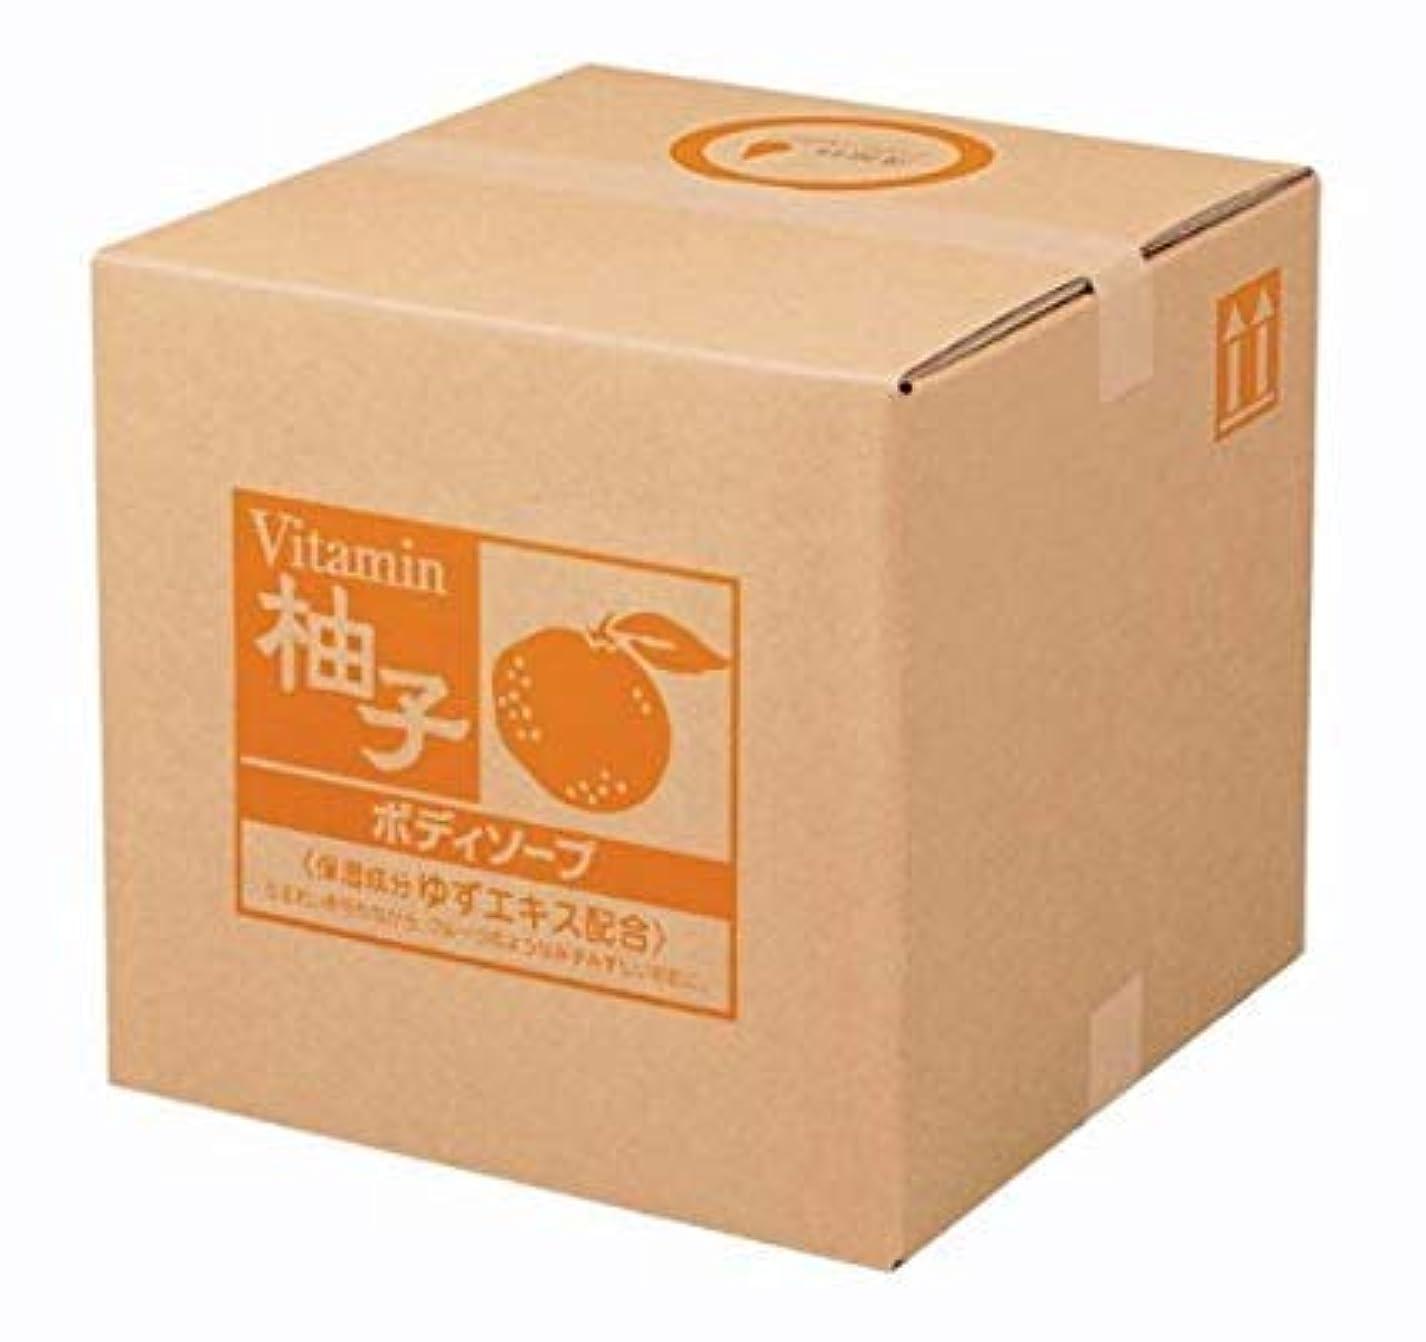 グリーンバック憲法ドット業務用 SCRITT(スクリット) 柚子 ボディソープ 18L 熊野油脂 (コック無し)